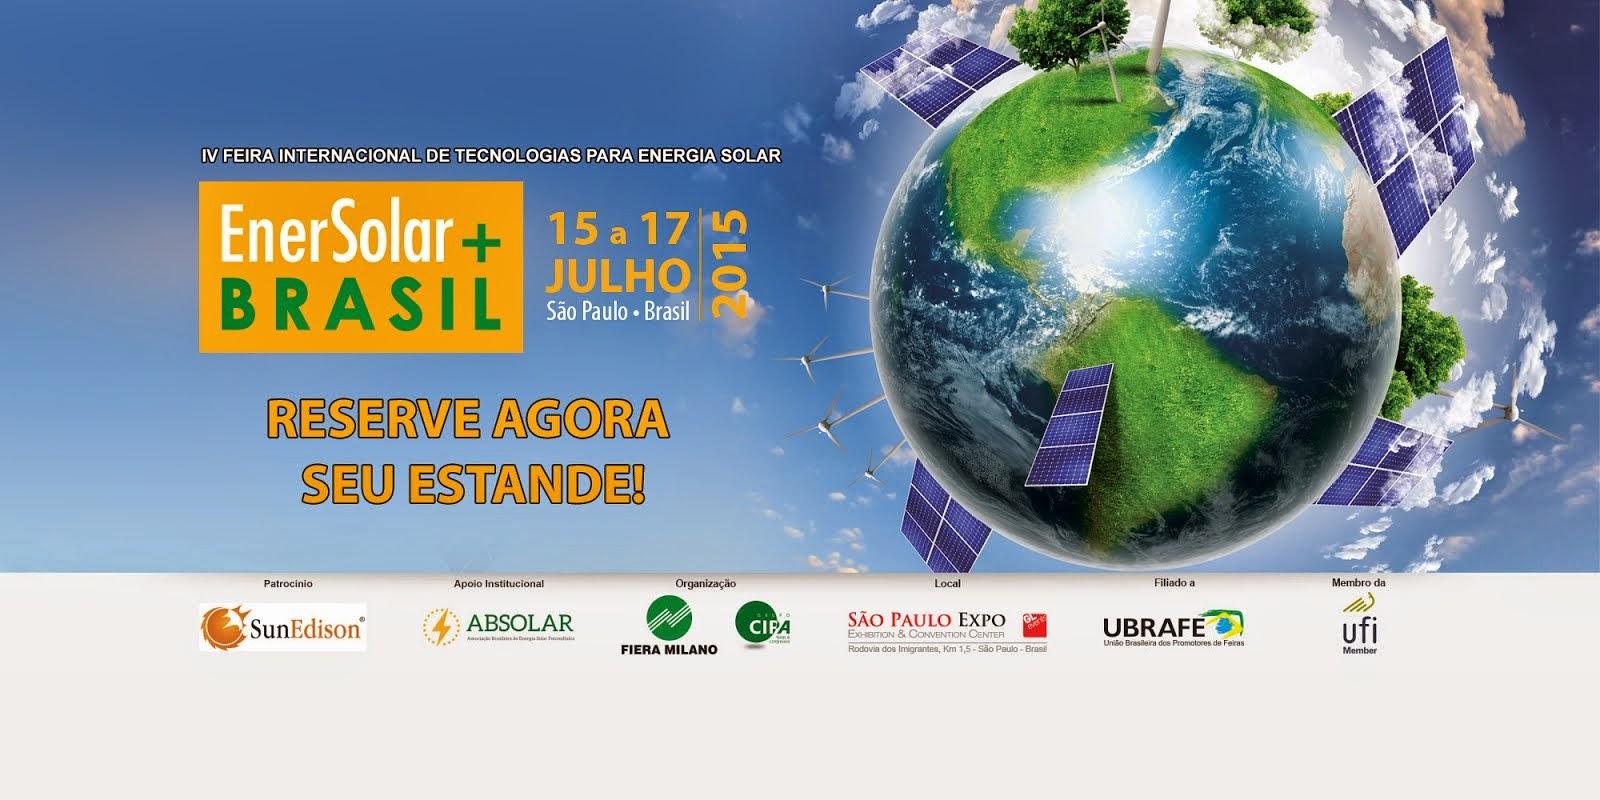 EnerSolar+Brasil